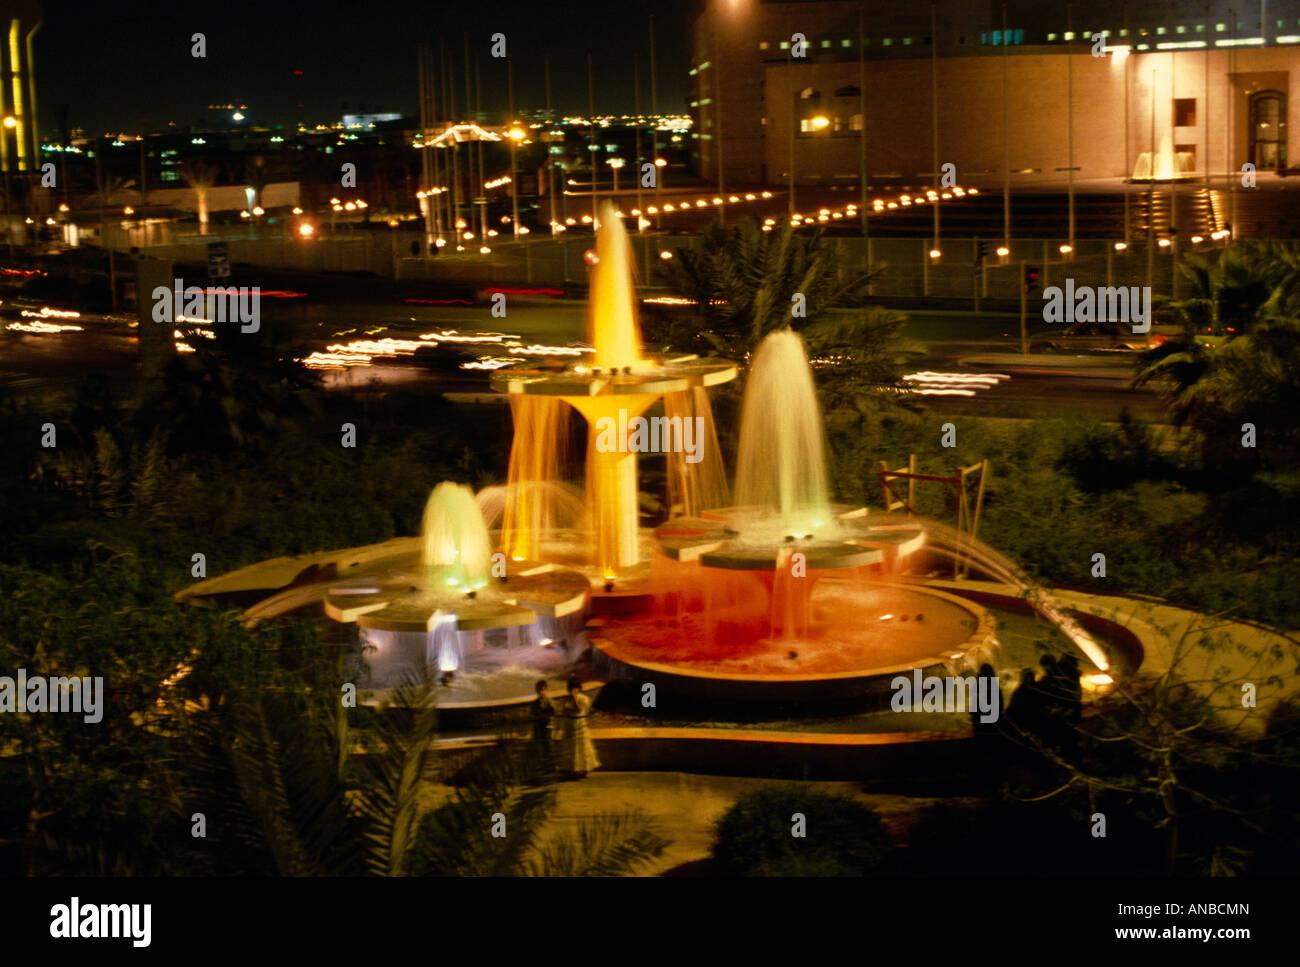 Riyadh Saudi Arabia fontane di notte Immagini Stock